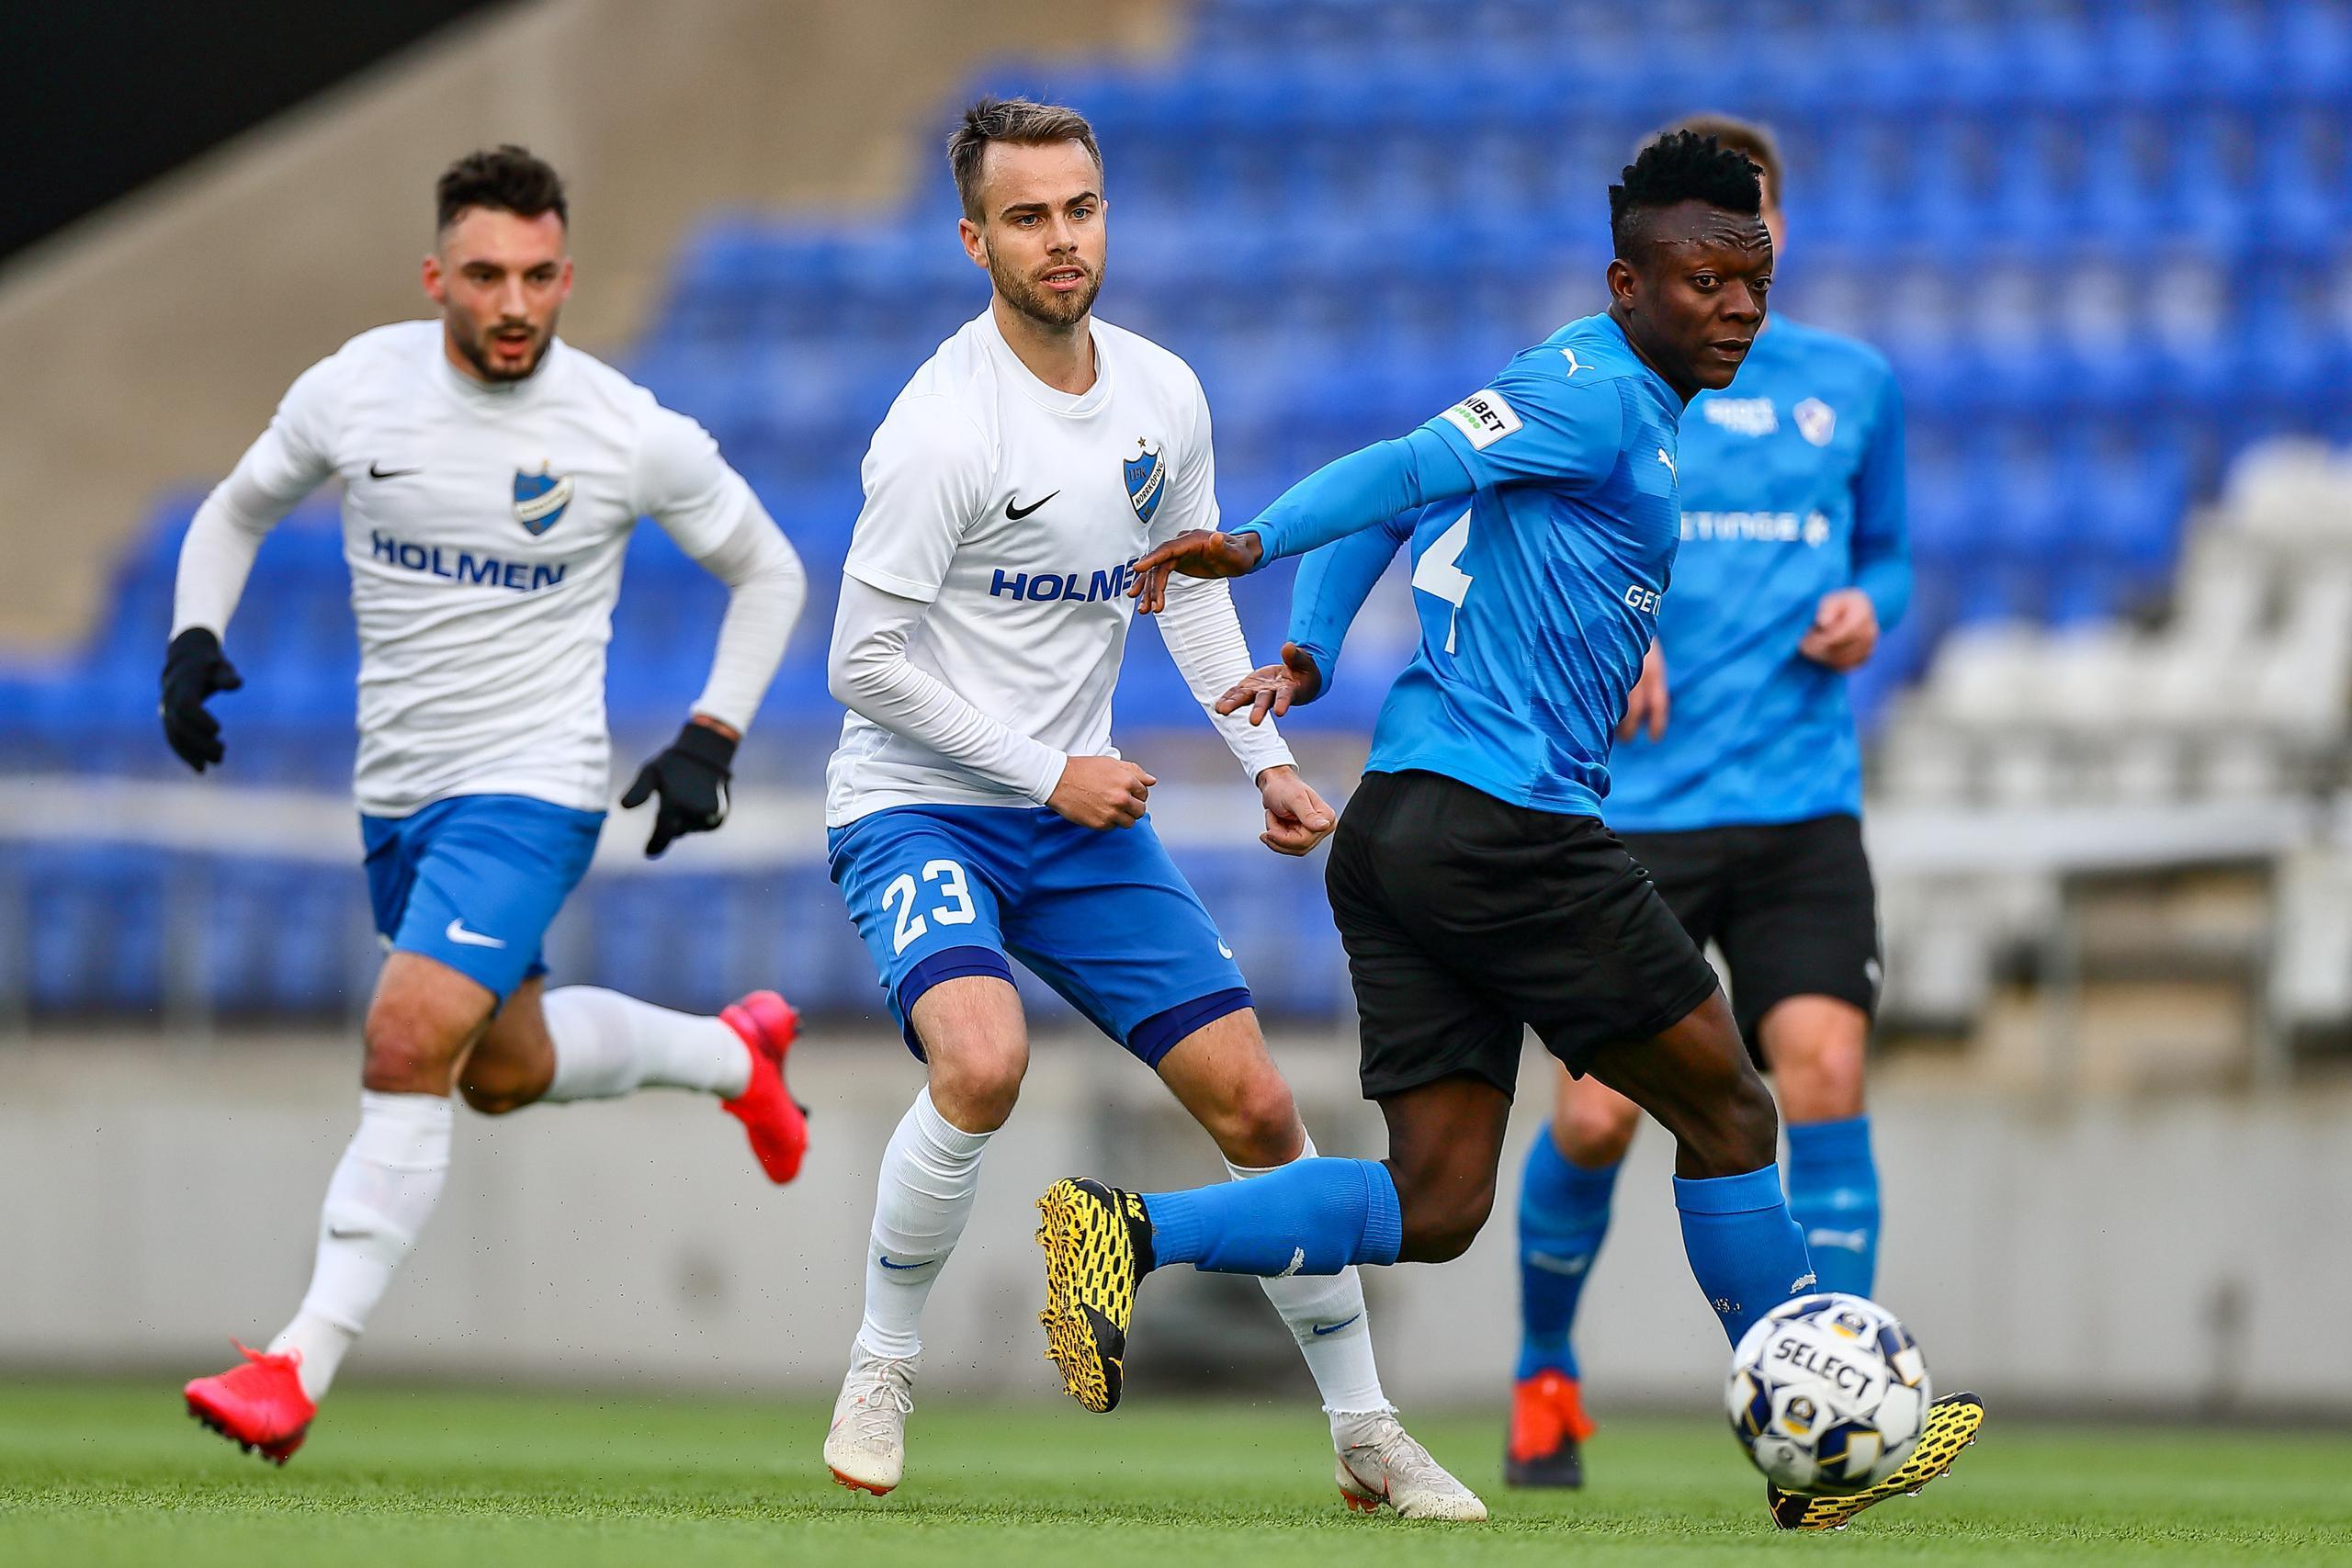 MATCHDAGS: Så ska HBK stoppa IFK Norrköpings offensiv